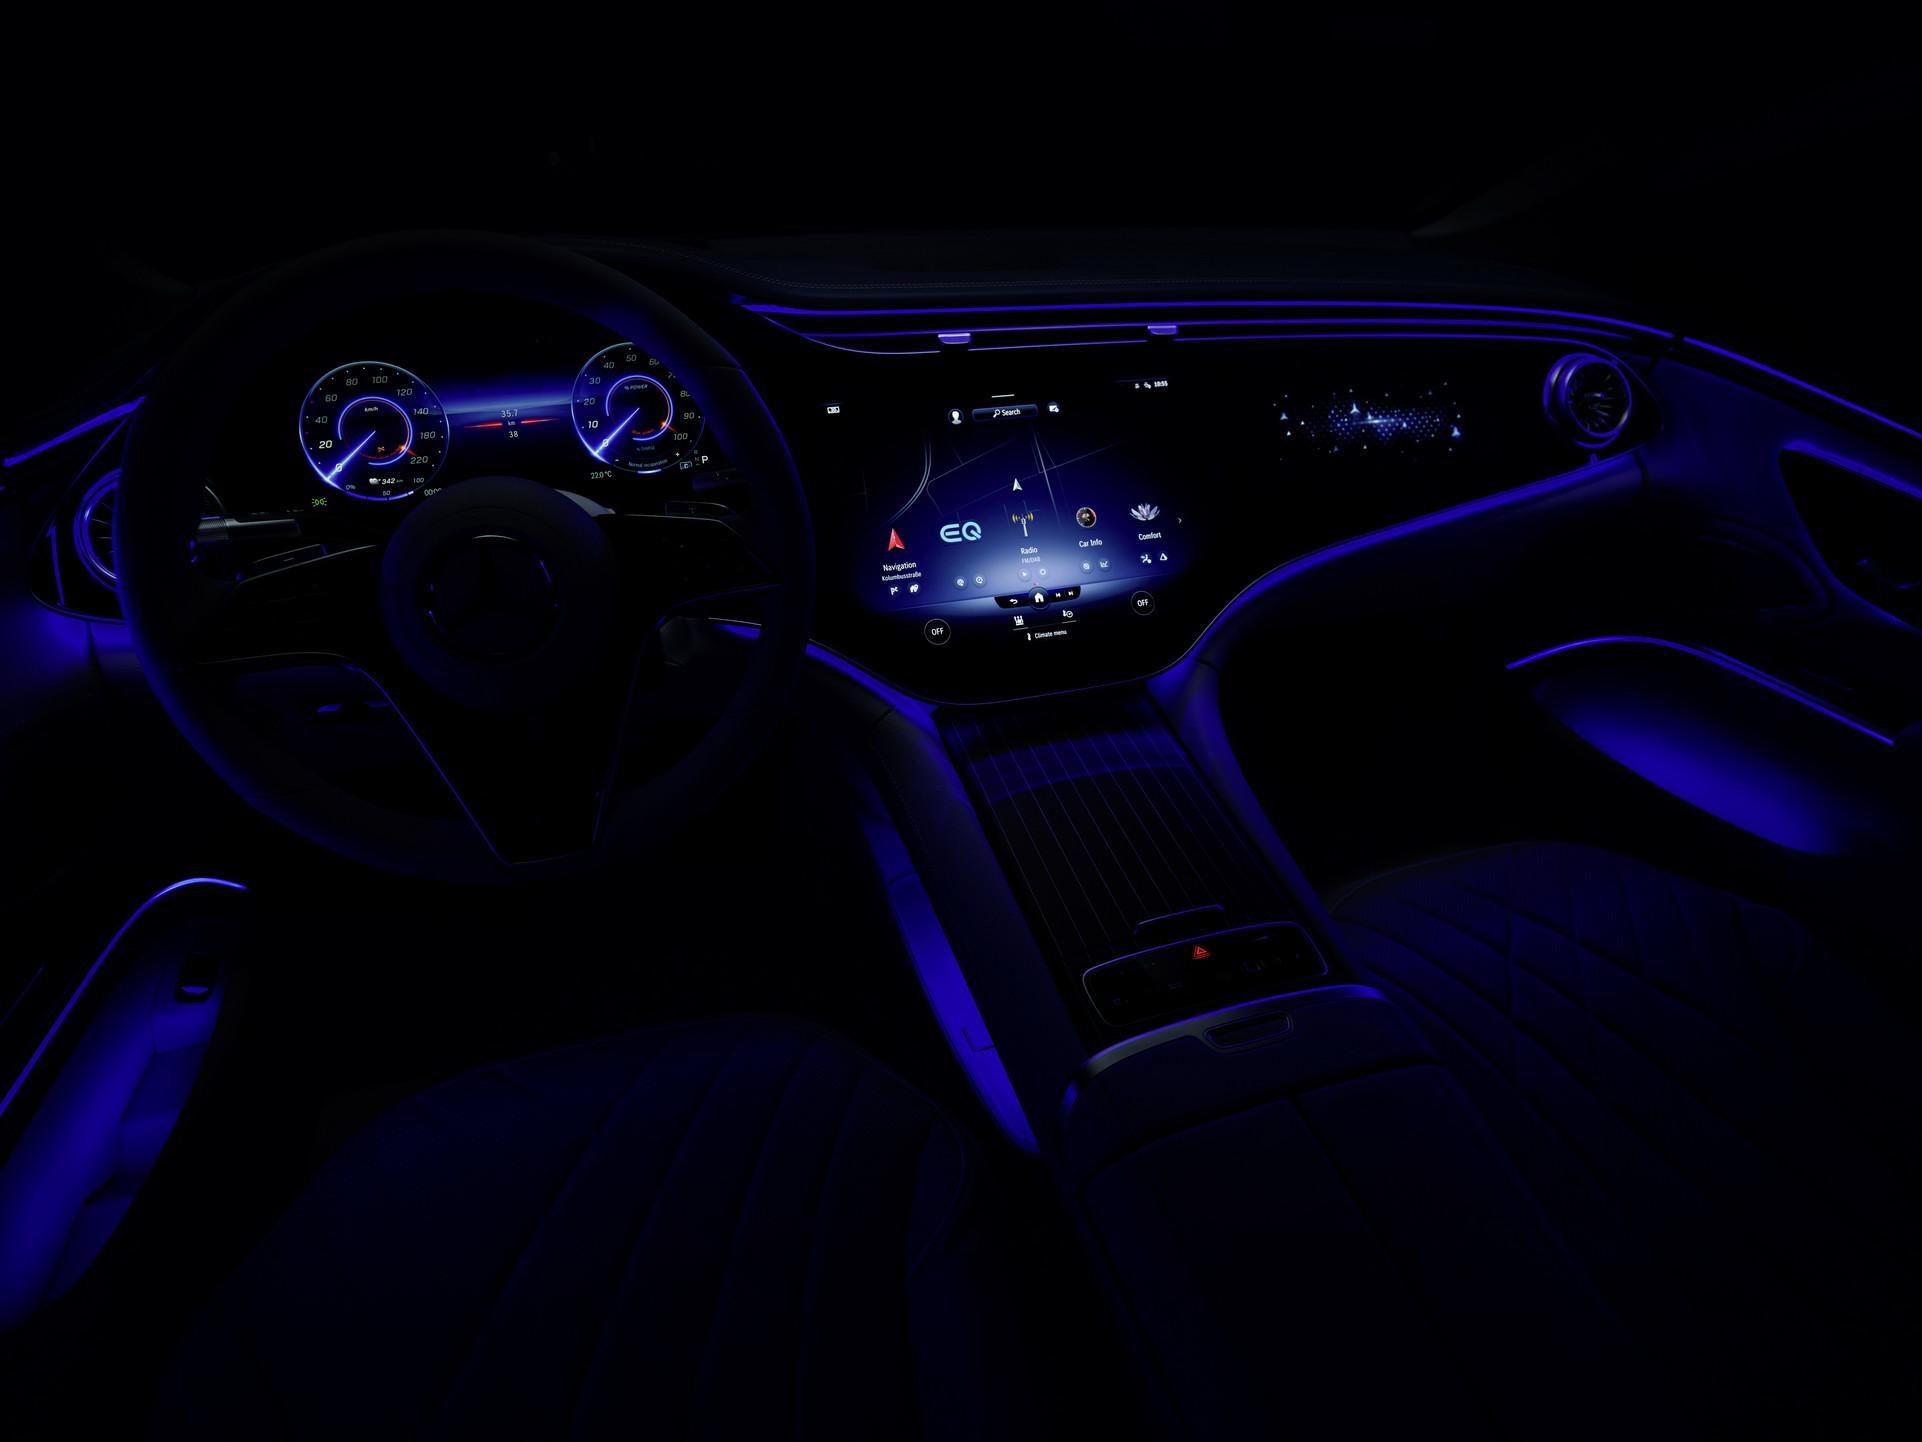 Ова е салонот на Mercedes EQS, најлуксузниот електричен модел на денешницата